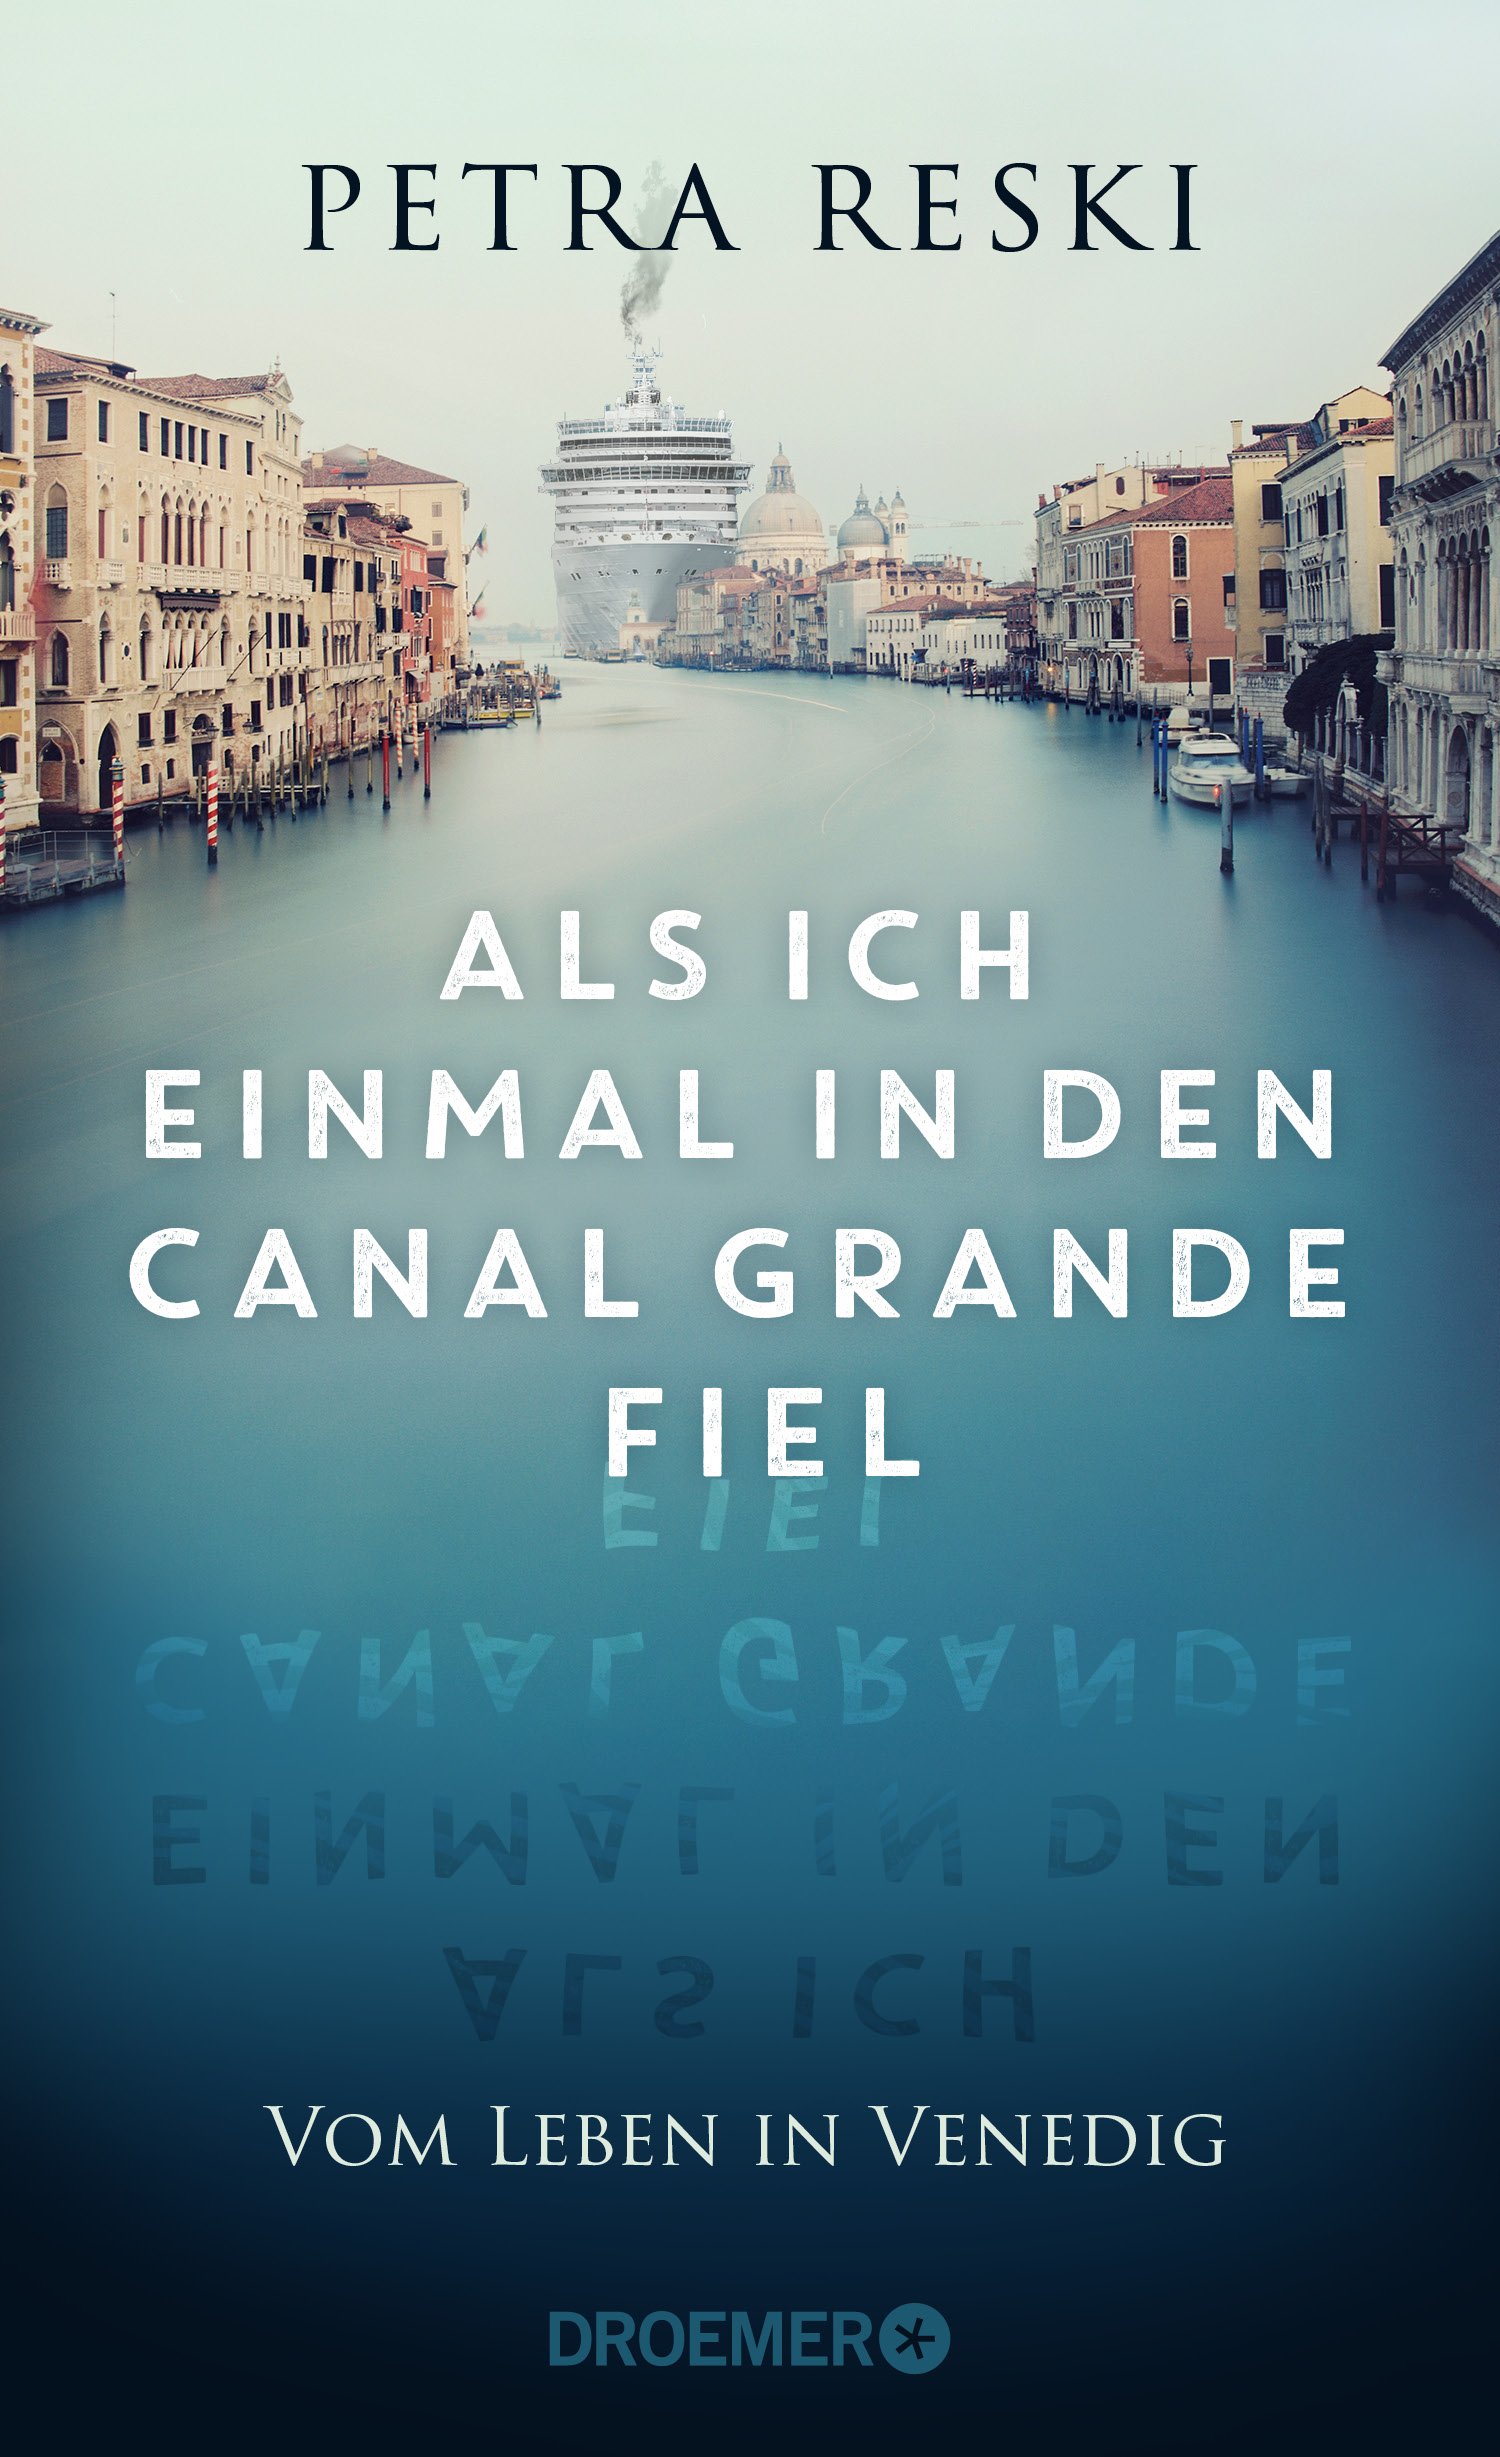 Als Ich einmal in den Canal Grande fiel. Vom Leben in Venedig. Petra Reski